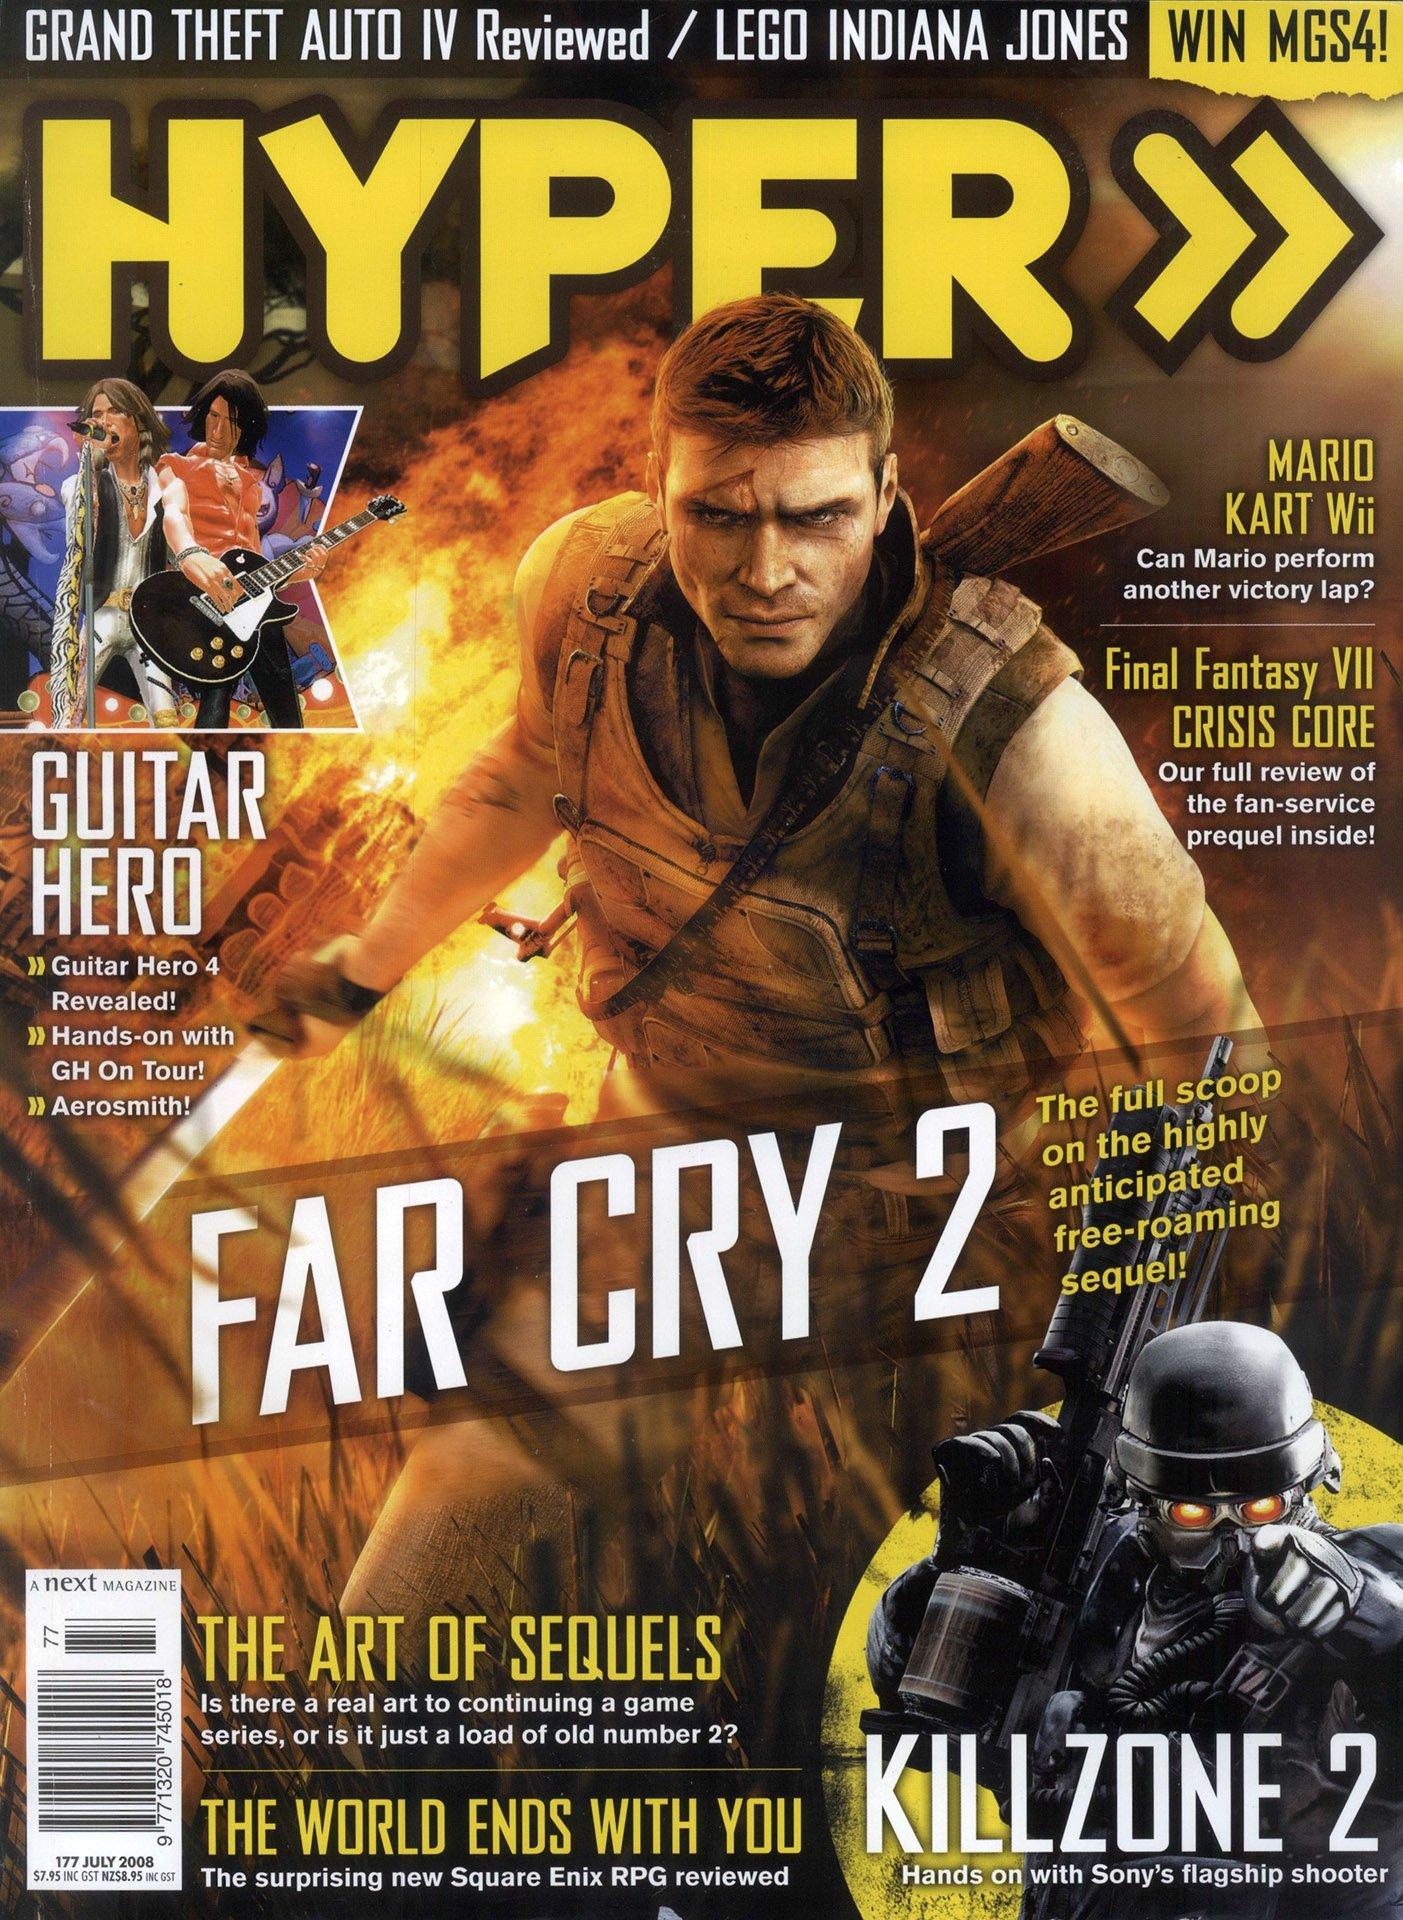 Hyper 177 (July 2008)